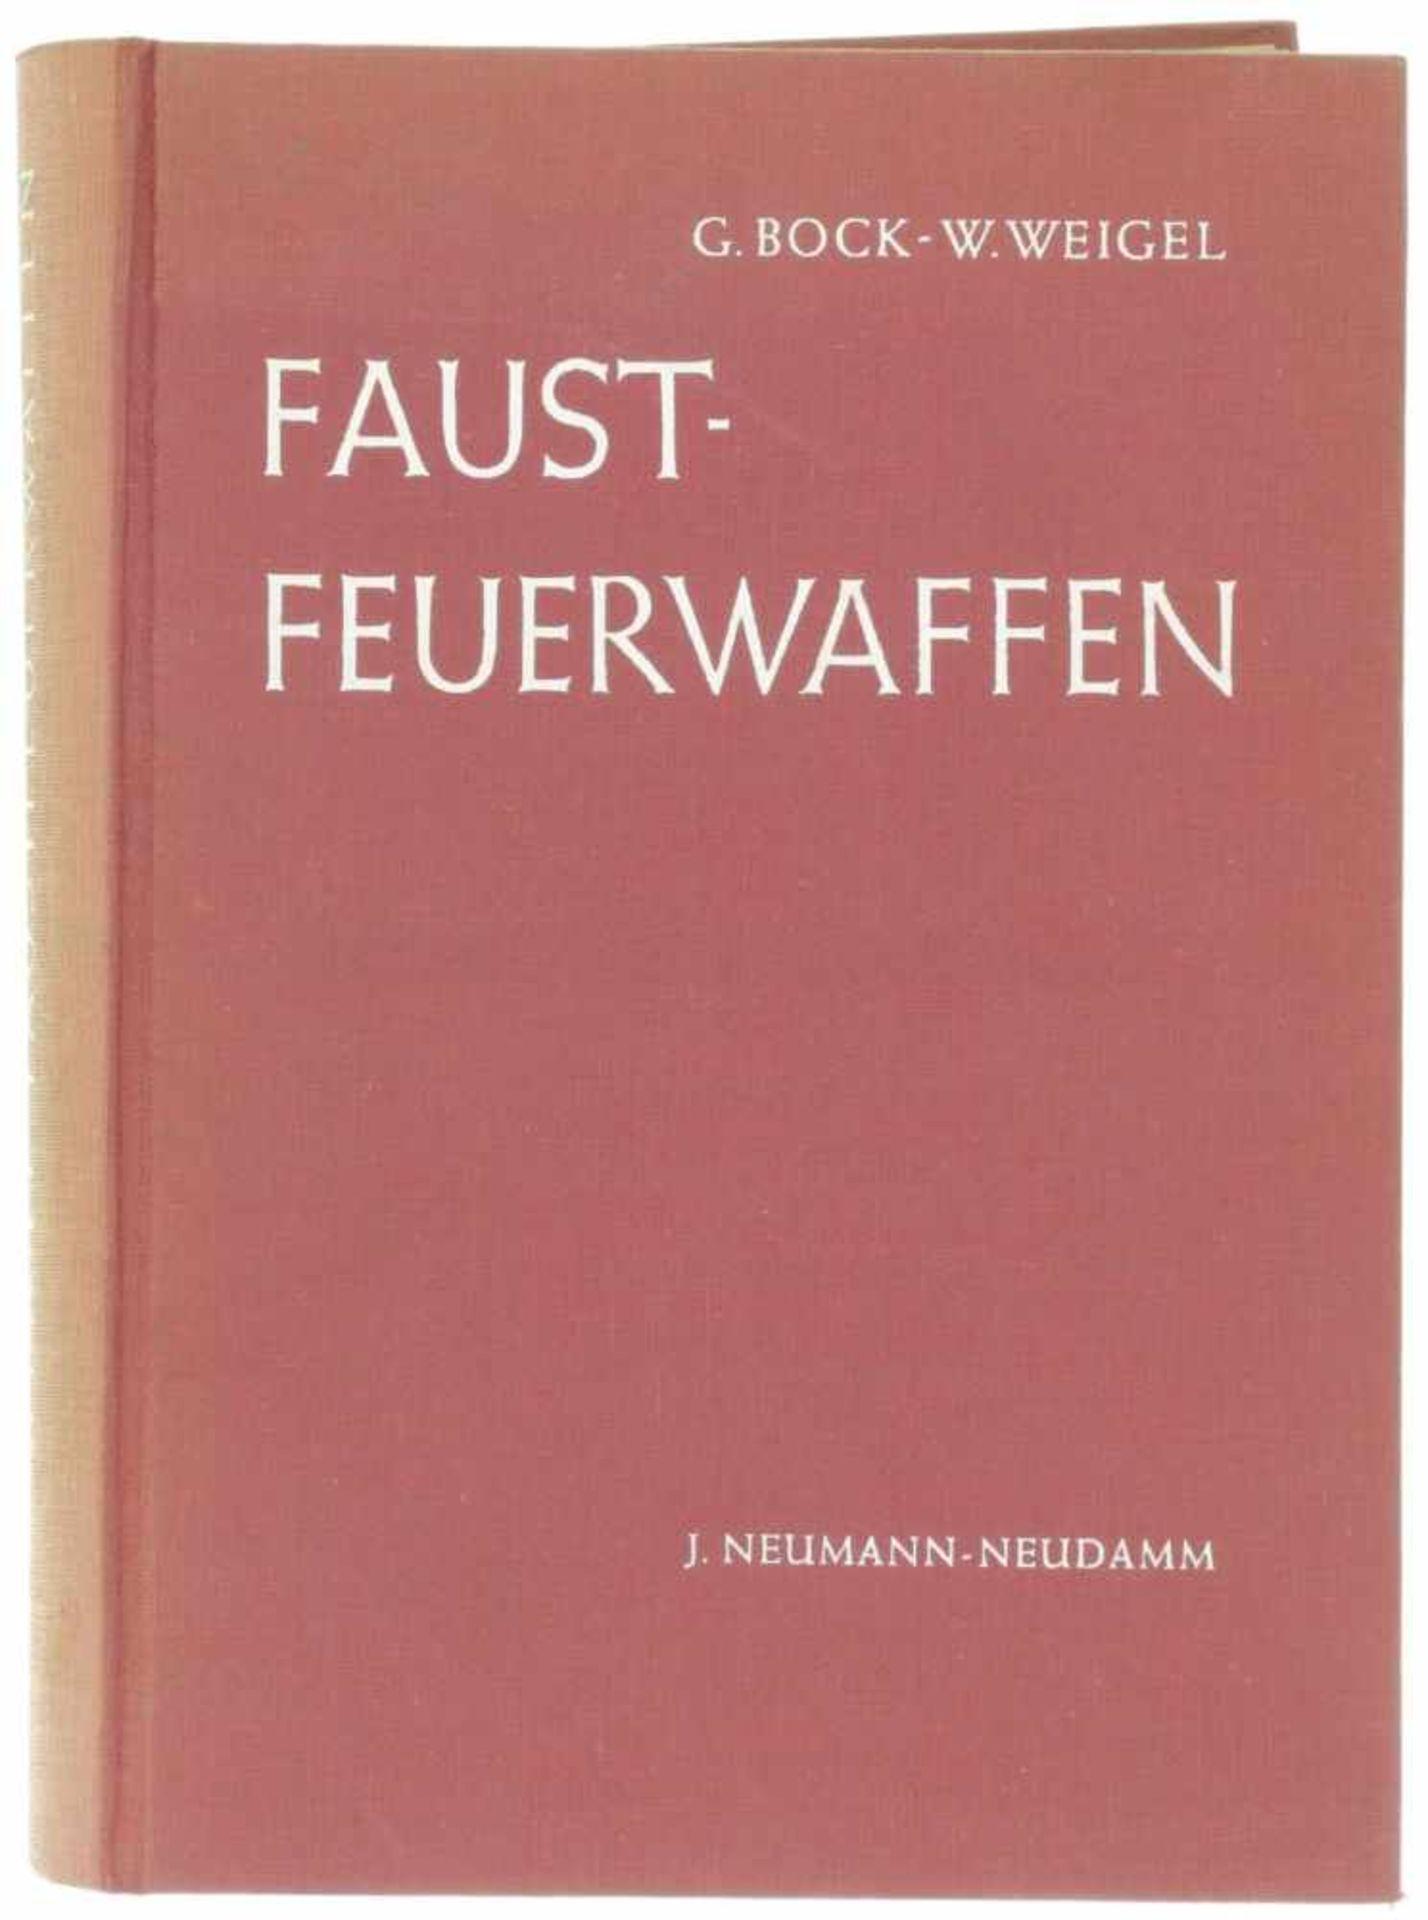 Handbuch der Faustfeuerwaffen